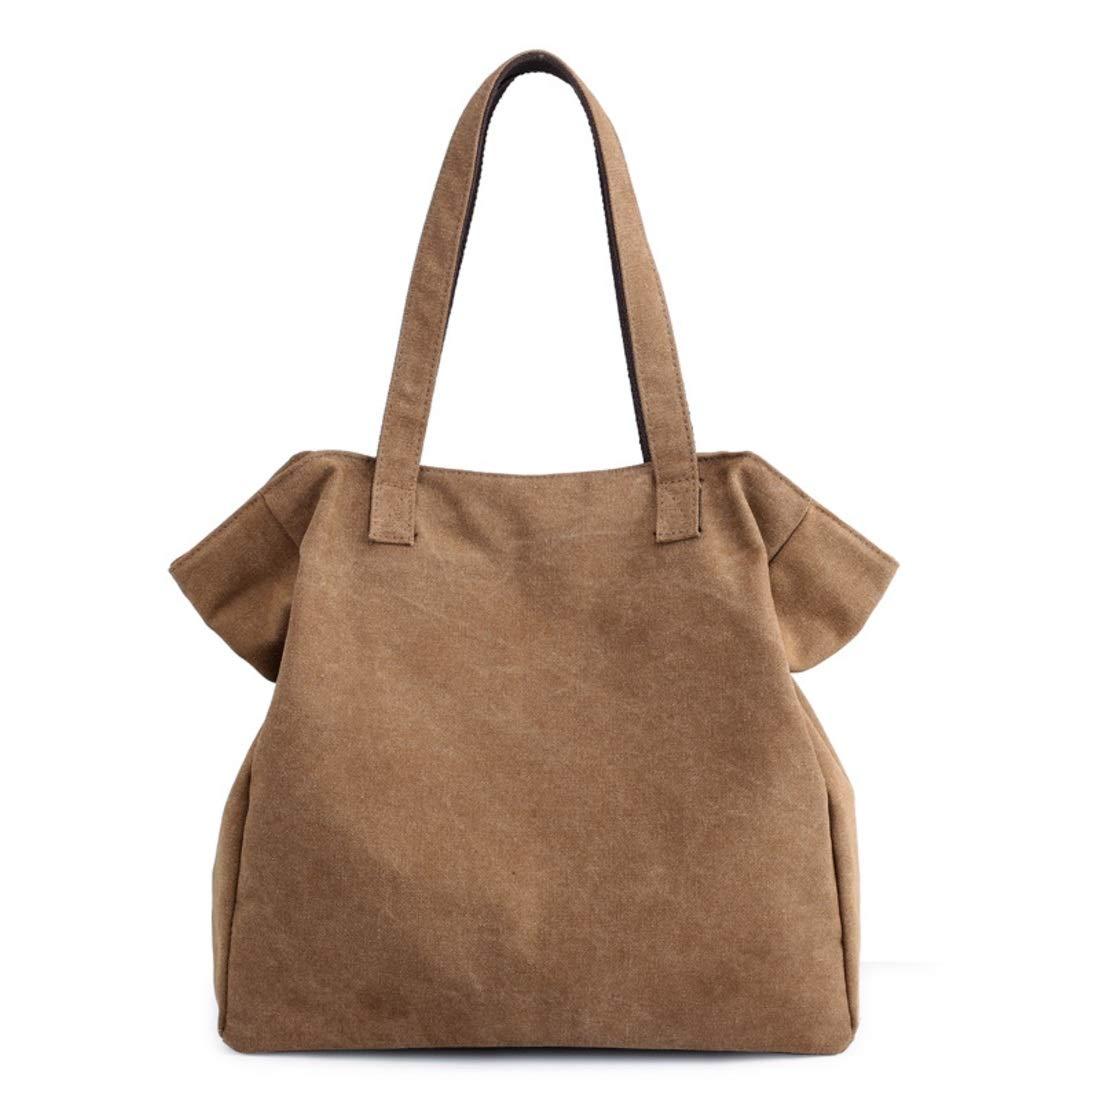 ArotOVL Damen Schulter Cross Body Large Tote Bag Kapazität Handtaschen Canvas Taschen (Farbe   braun) B07PHG16FF Shopper Moderne und stilvolle Mode